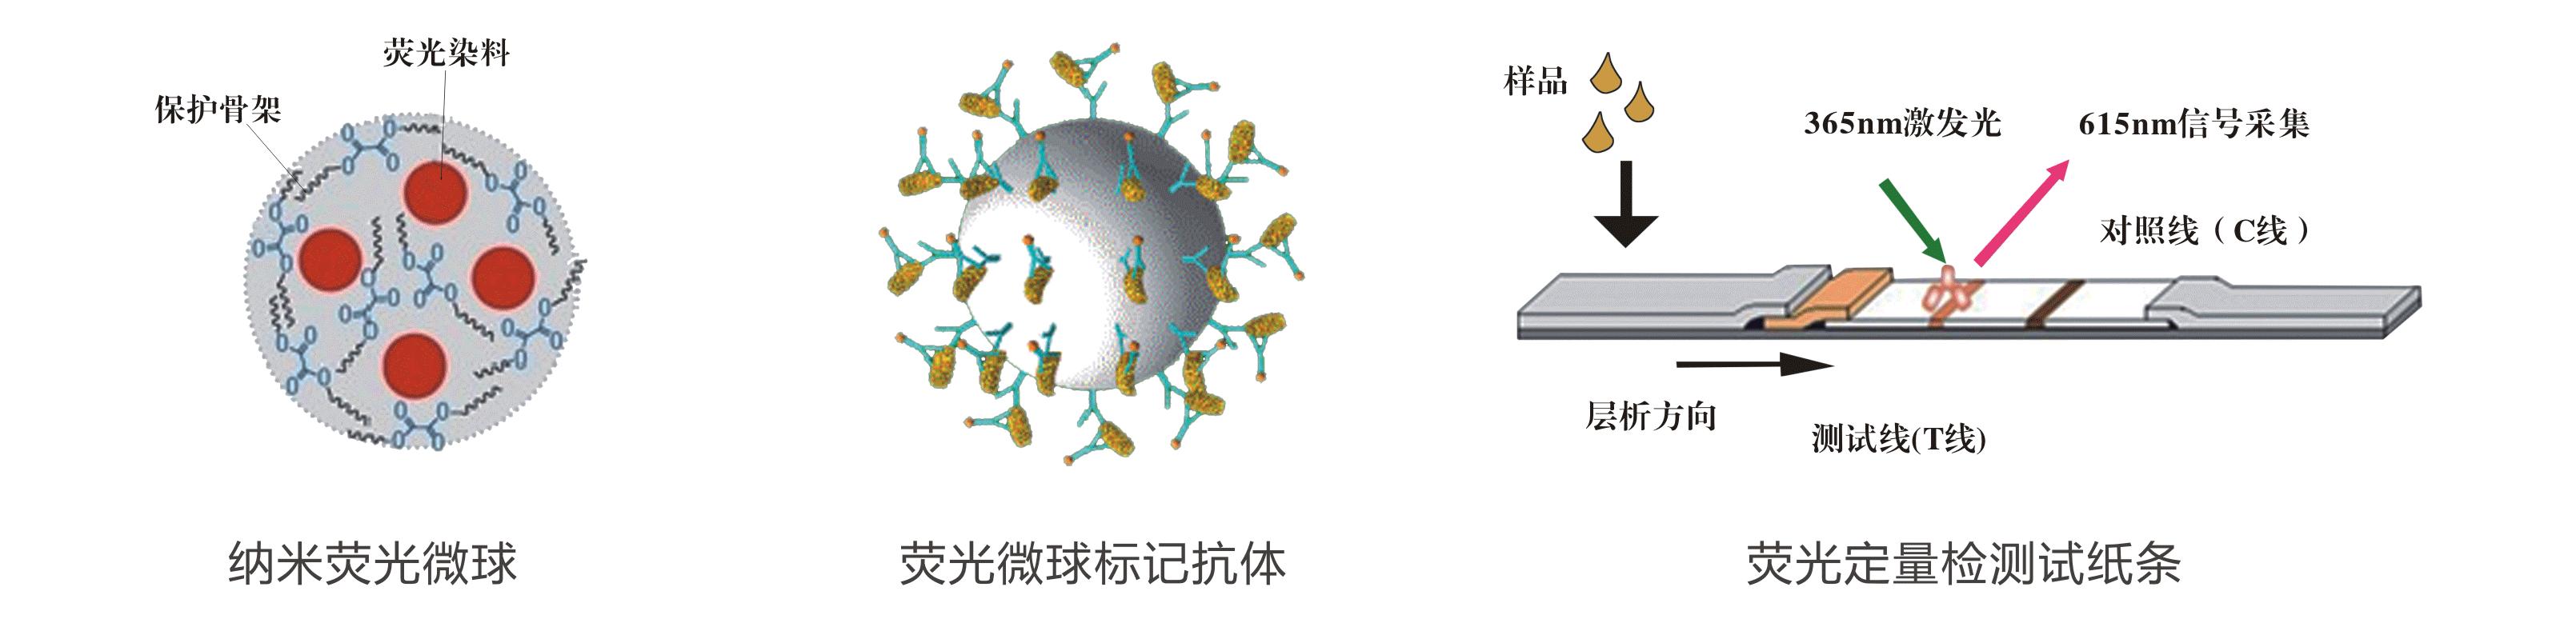 荧光定量FPOCT技术平台检测原理